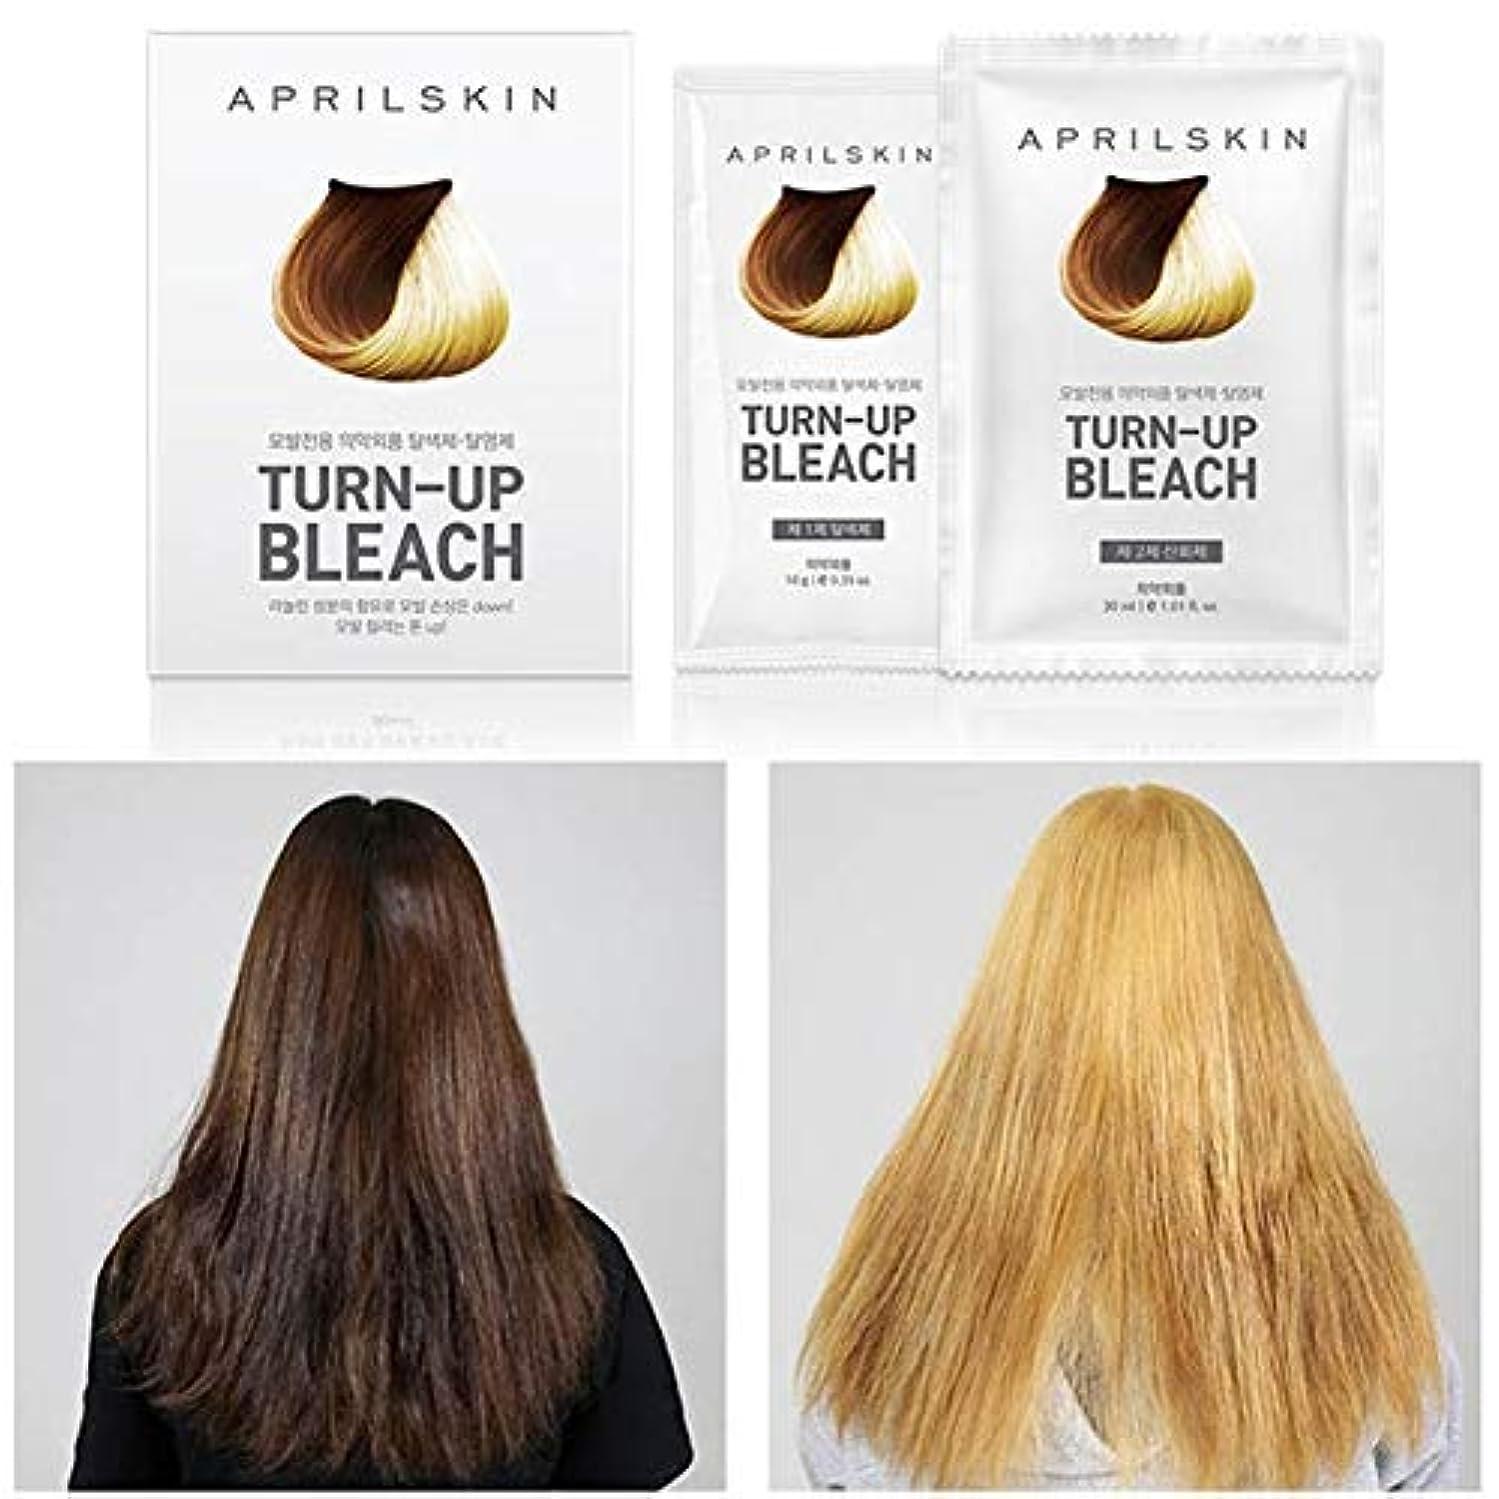 ジュラシックパークアクチュエータお母さんエープリル?スキン [韓国コスメ April Skin] 漂白ブリーチ(ヘアブリーチ)Turn Up Bleach (Hair Bleach)/Korea Cosmetics